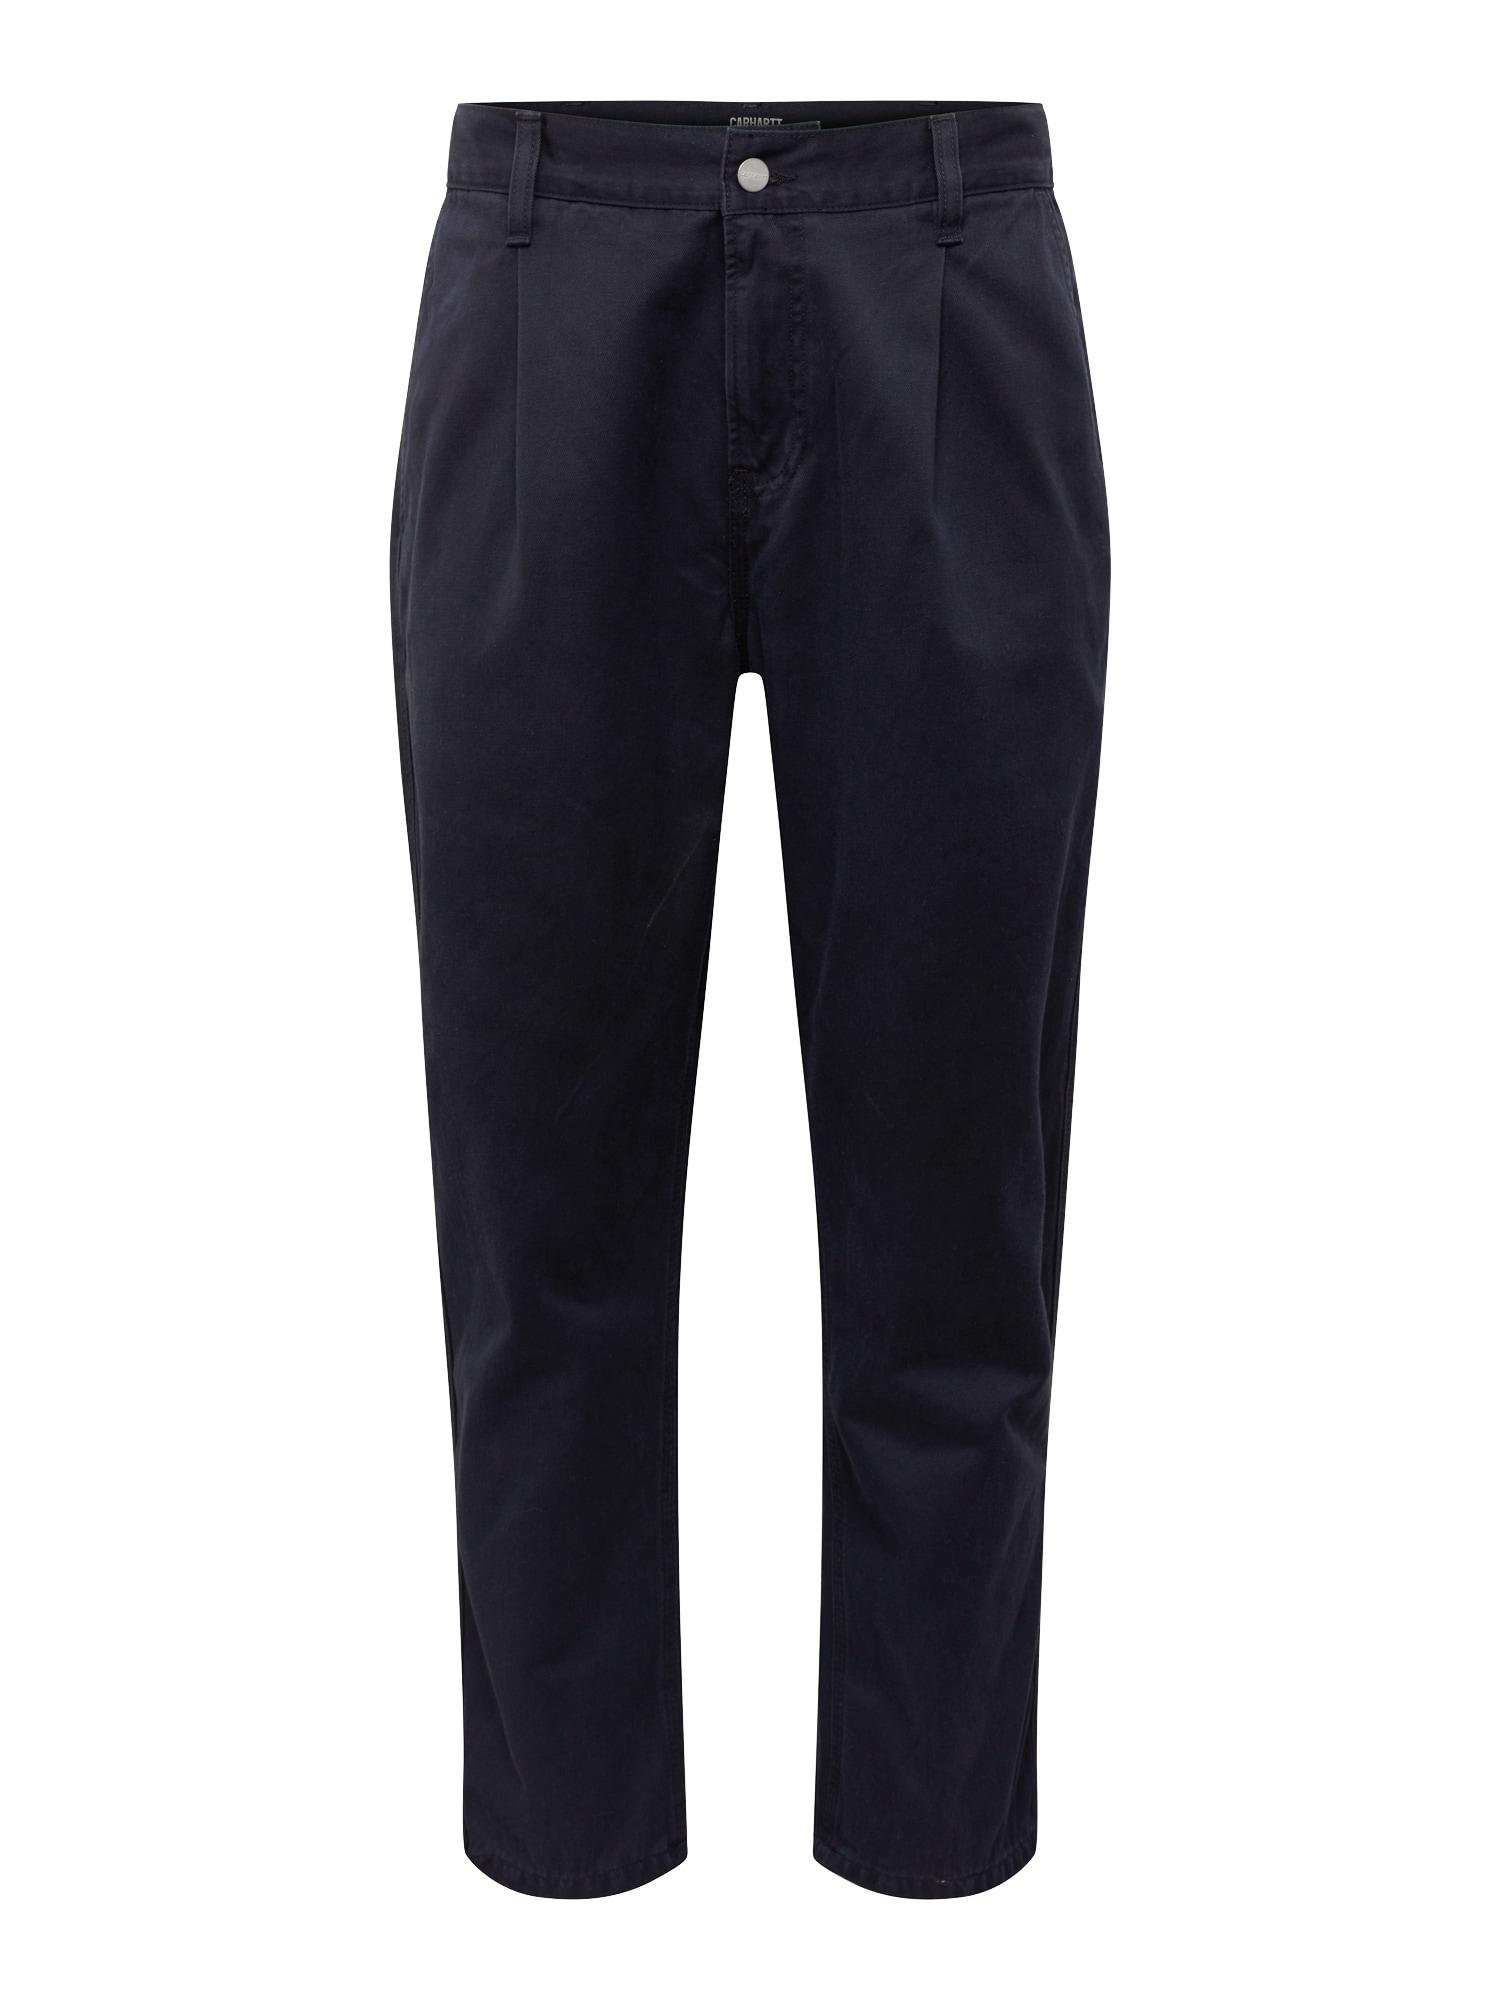 Kalhoty se sklady v pase Abbott námořnická modř Carhartt WIP